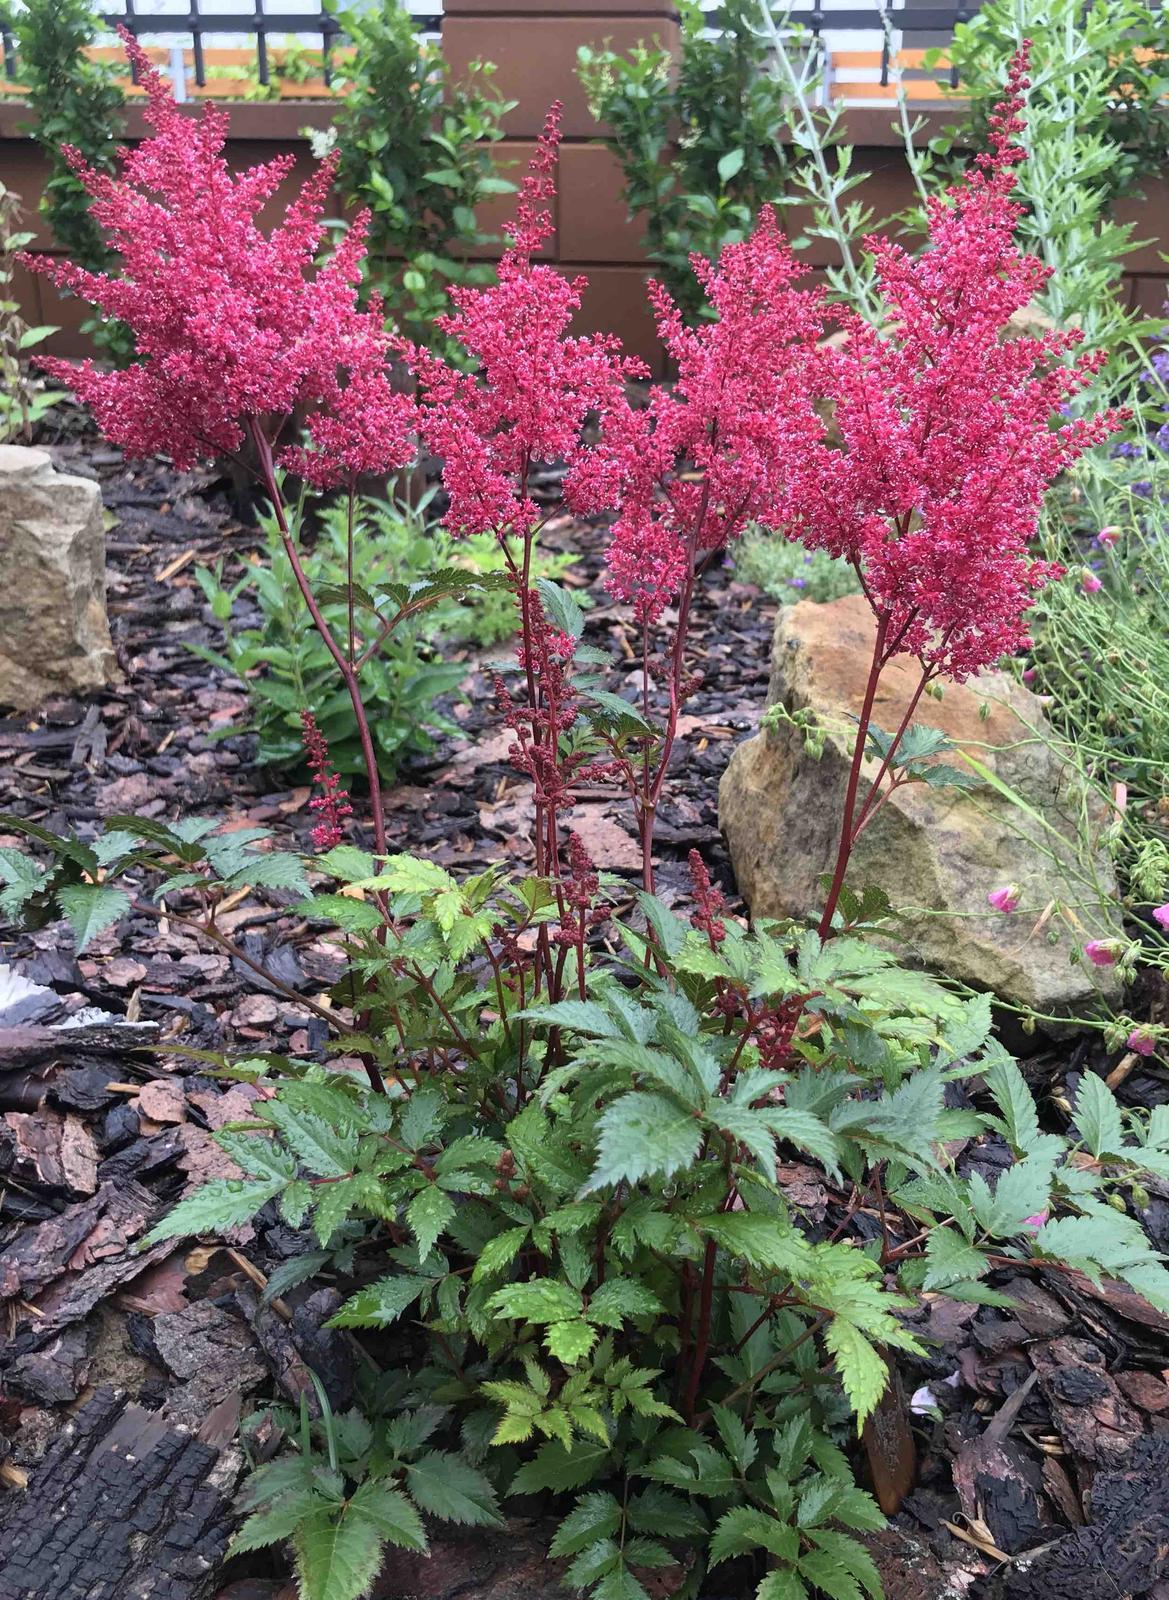 Naše barevná zahrada 🌸 - Ach čechrava 🤗 ta barvička úžasná